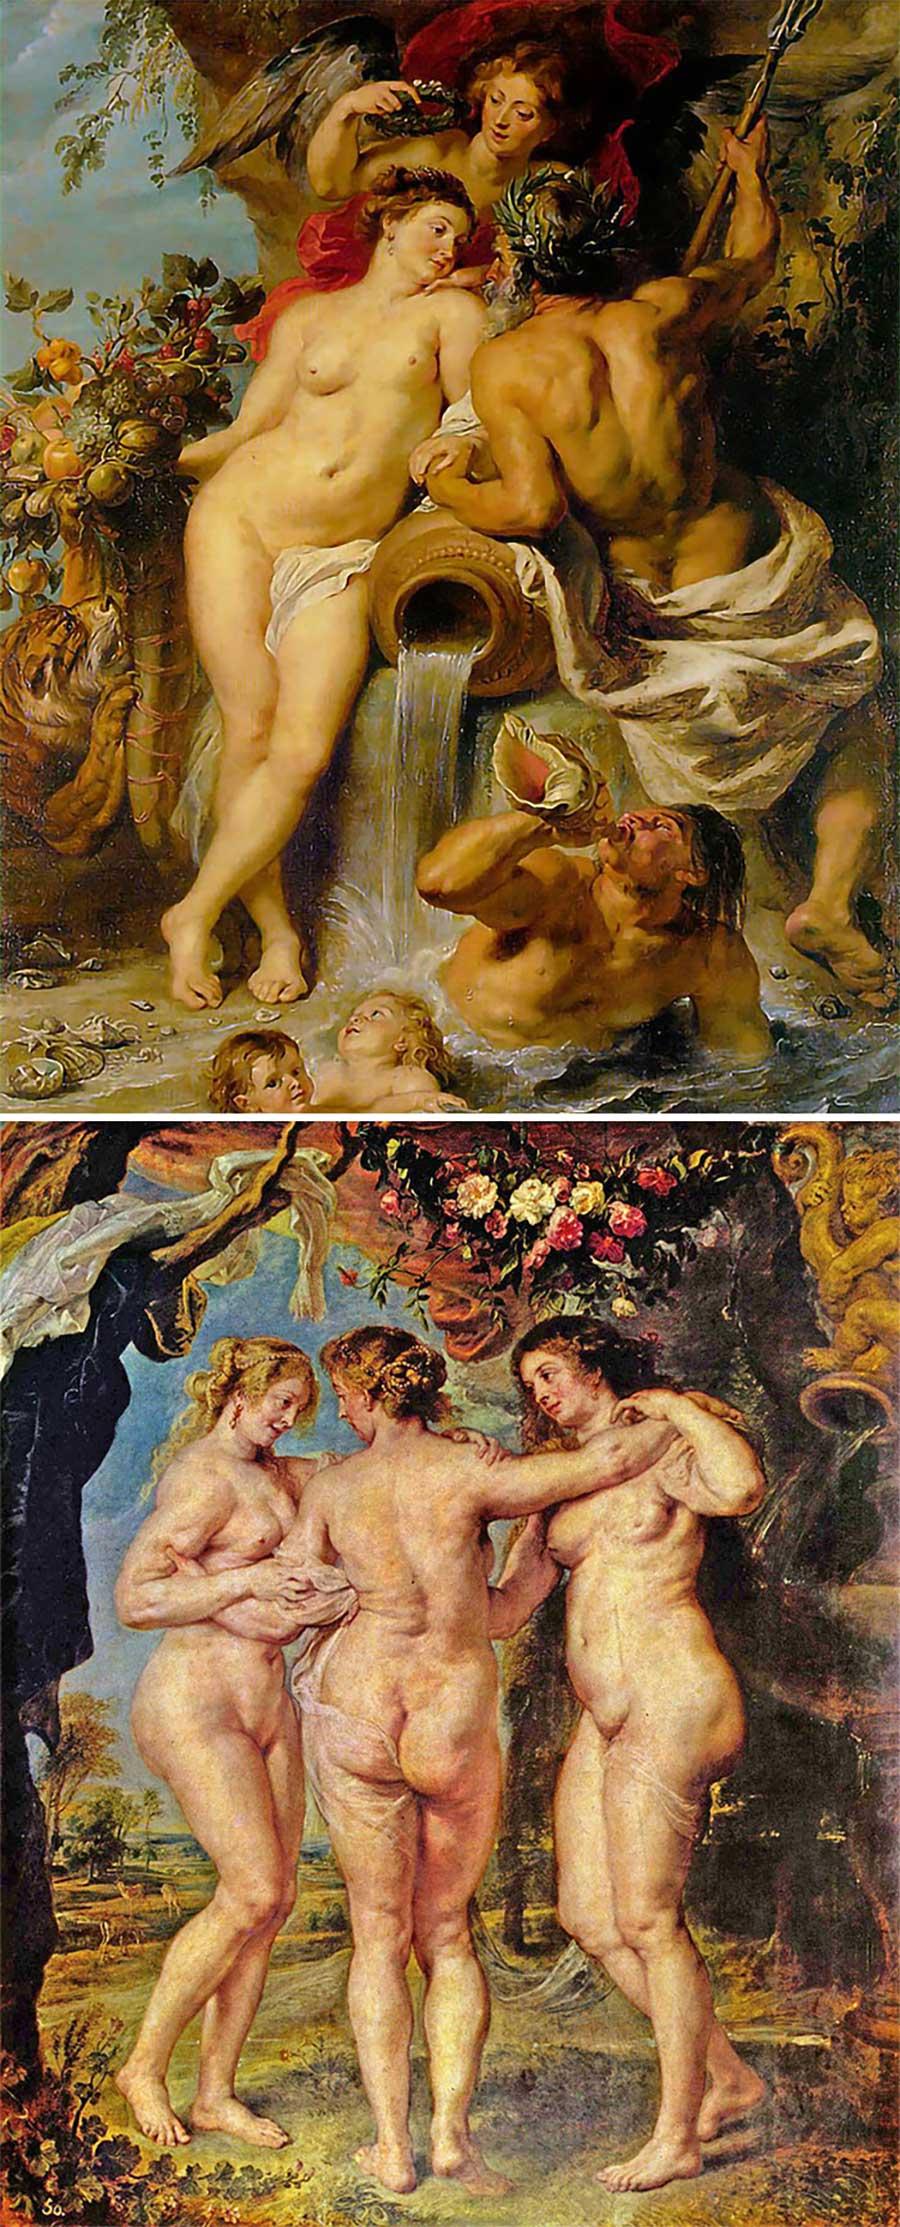 Ulkige Merkmale, woran man erkennen kann, welcher Künstler ein Gemälde gemalt hat gemaelde-malern-zuordnen-fun_16